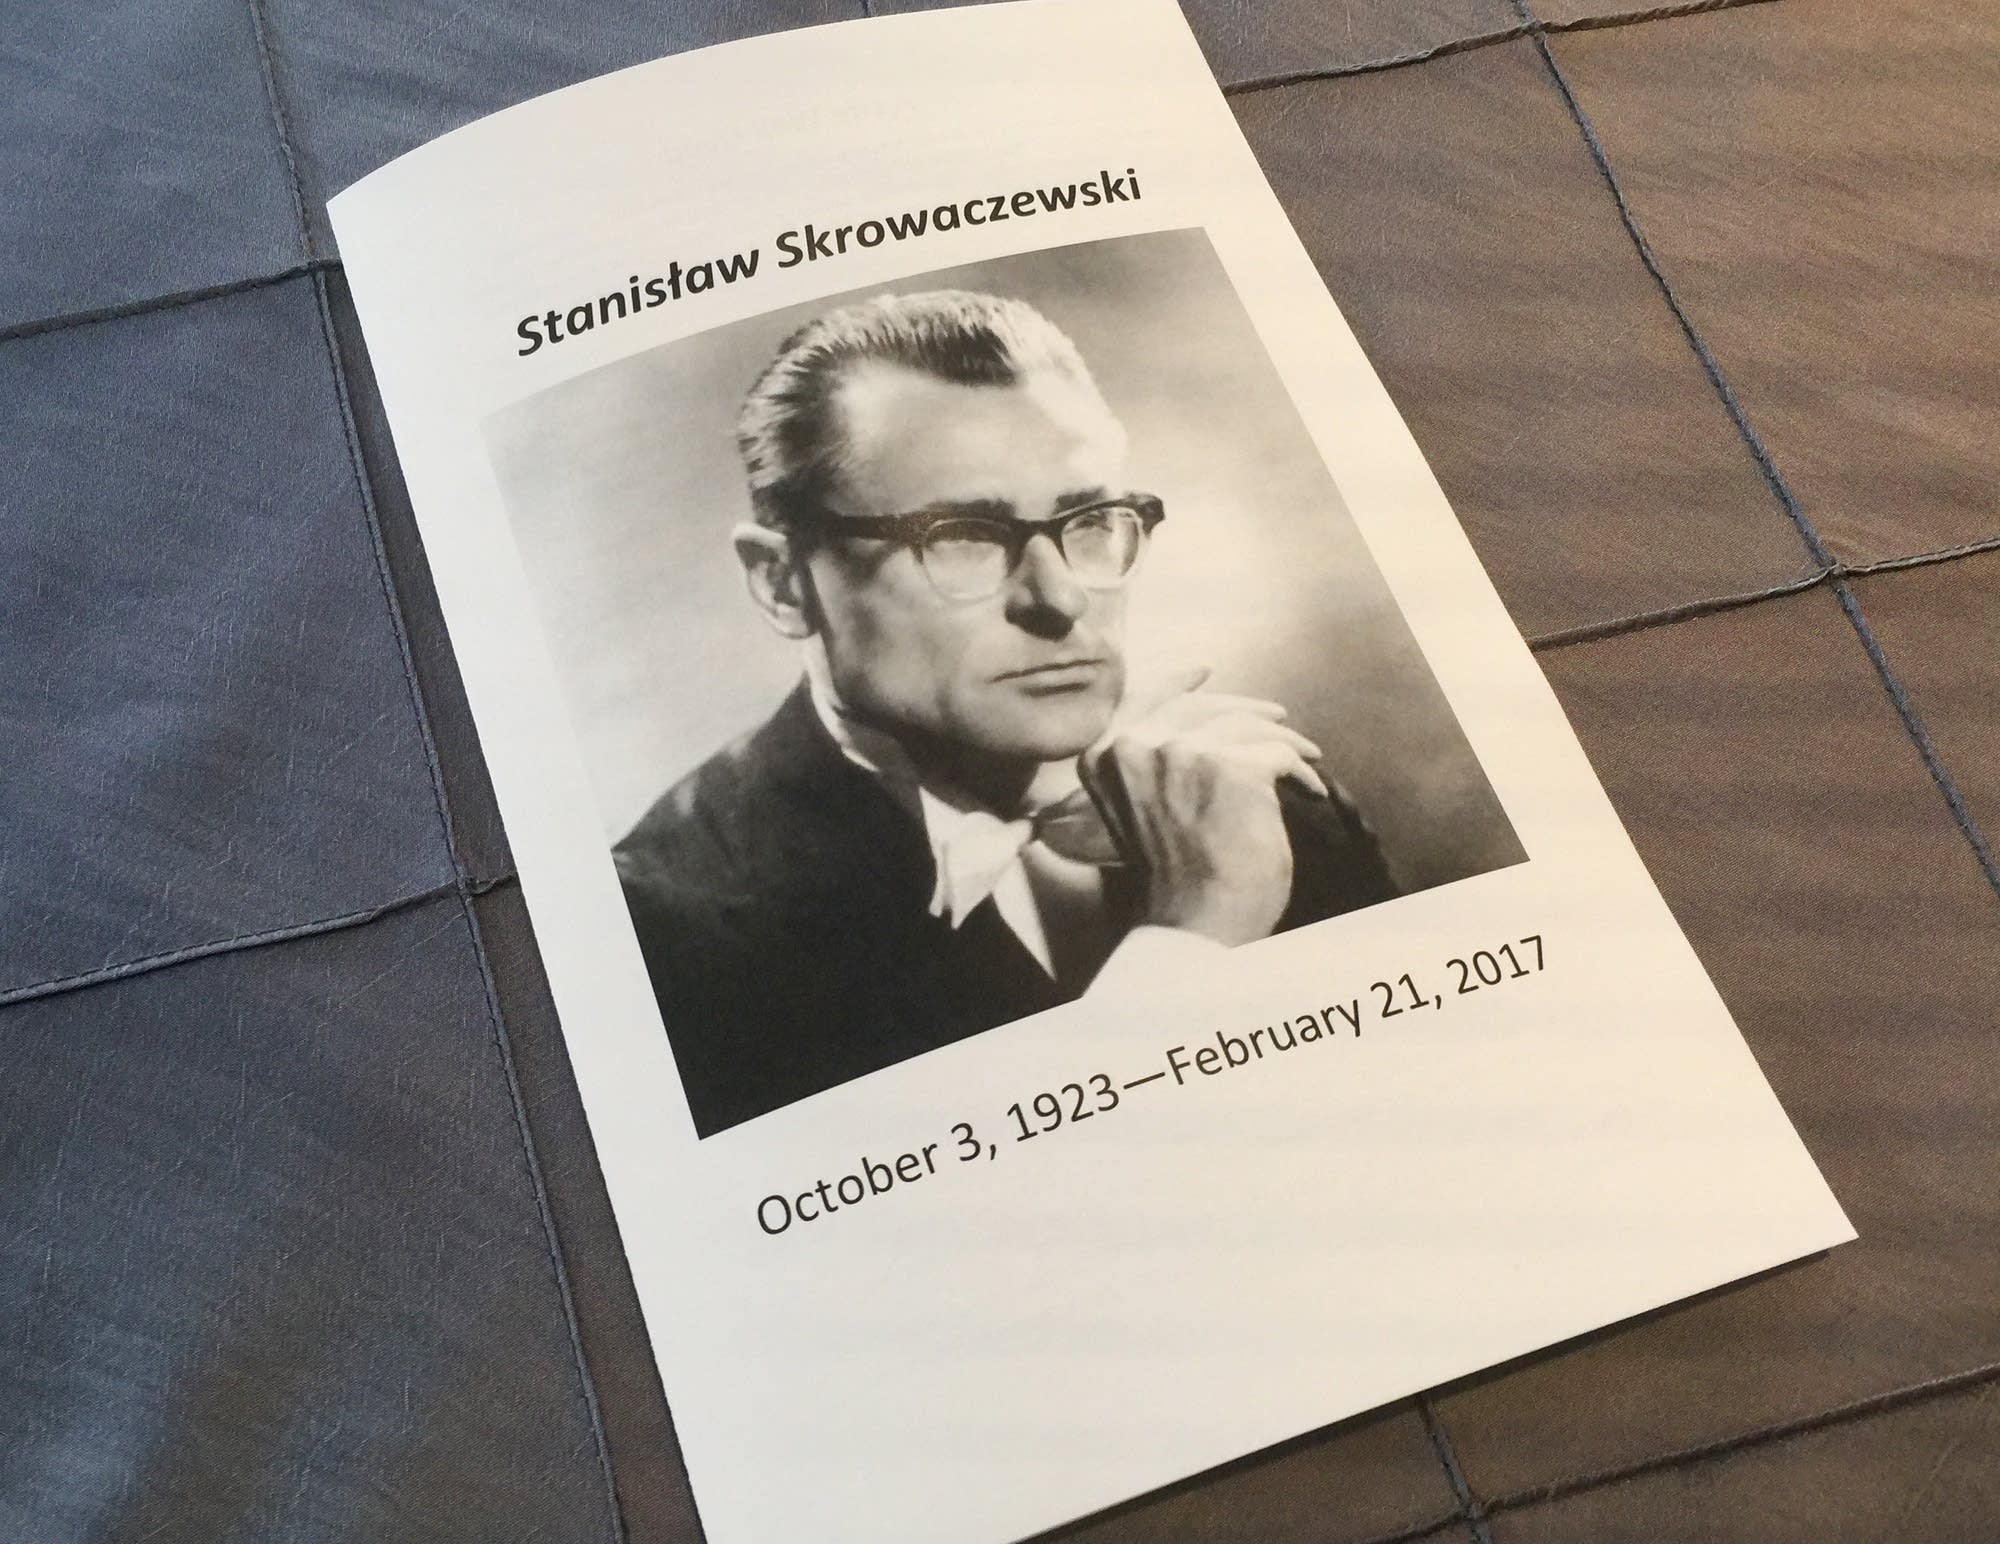 Program for the memorial service for Stanislaw Skrowaczewski